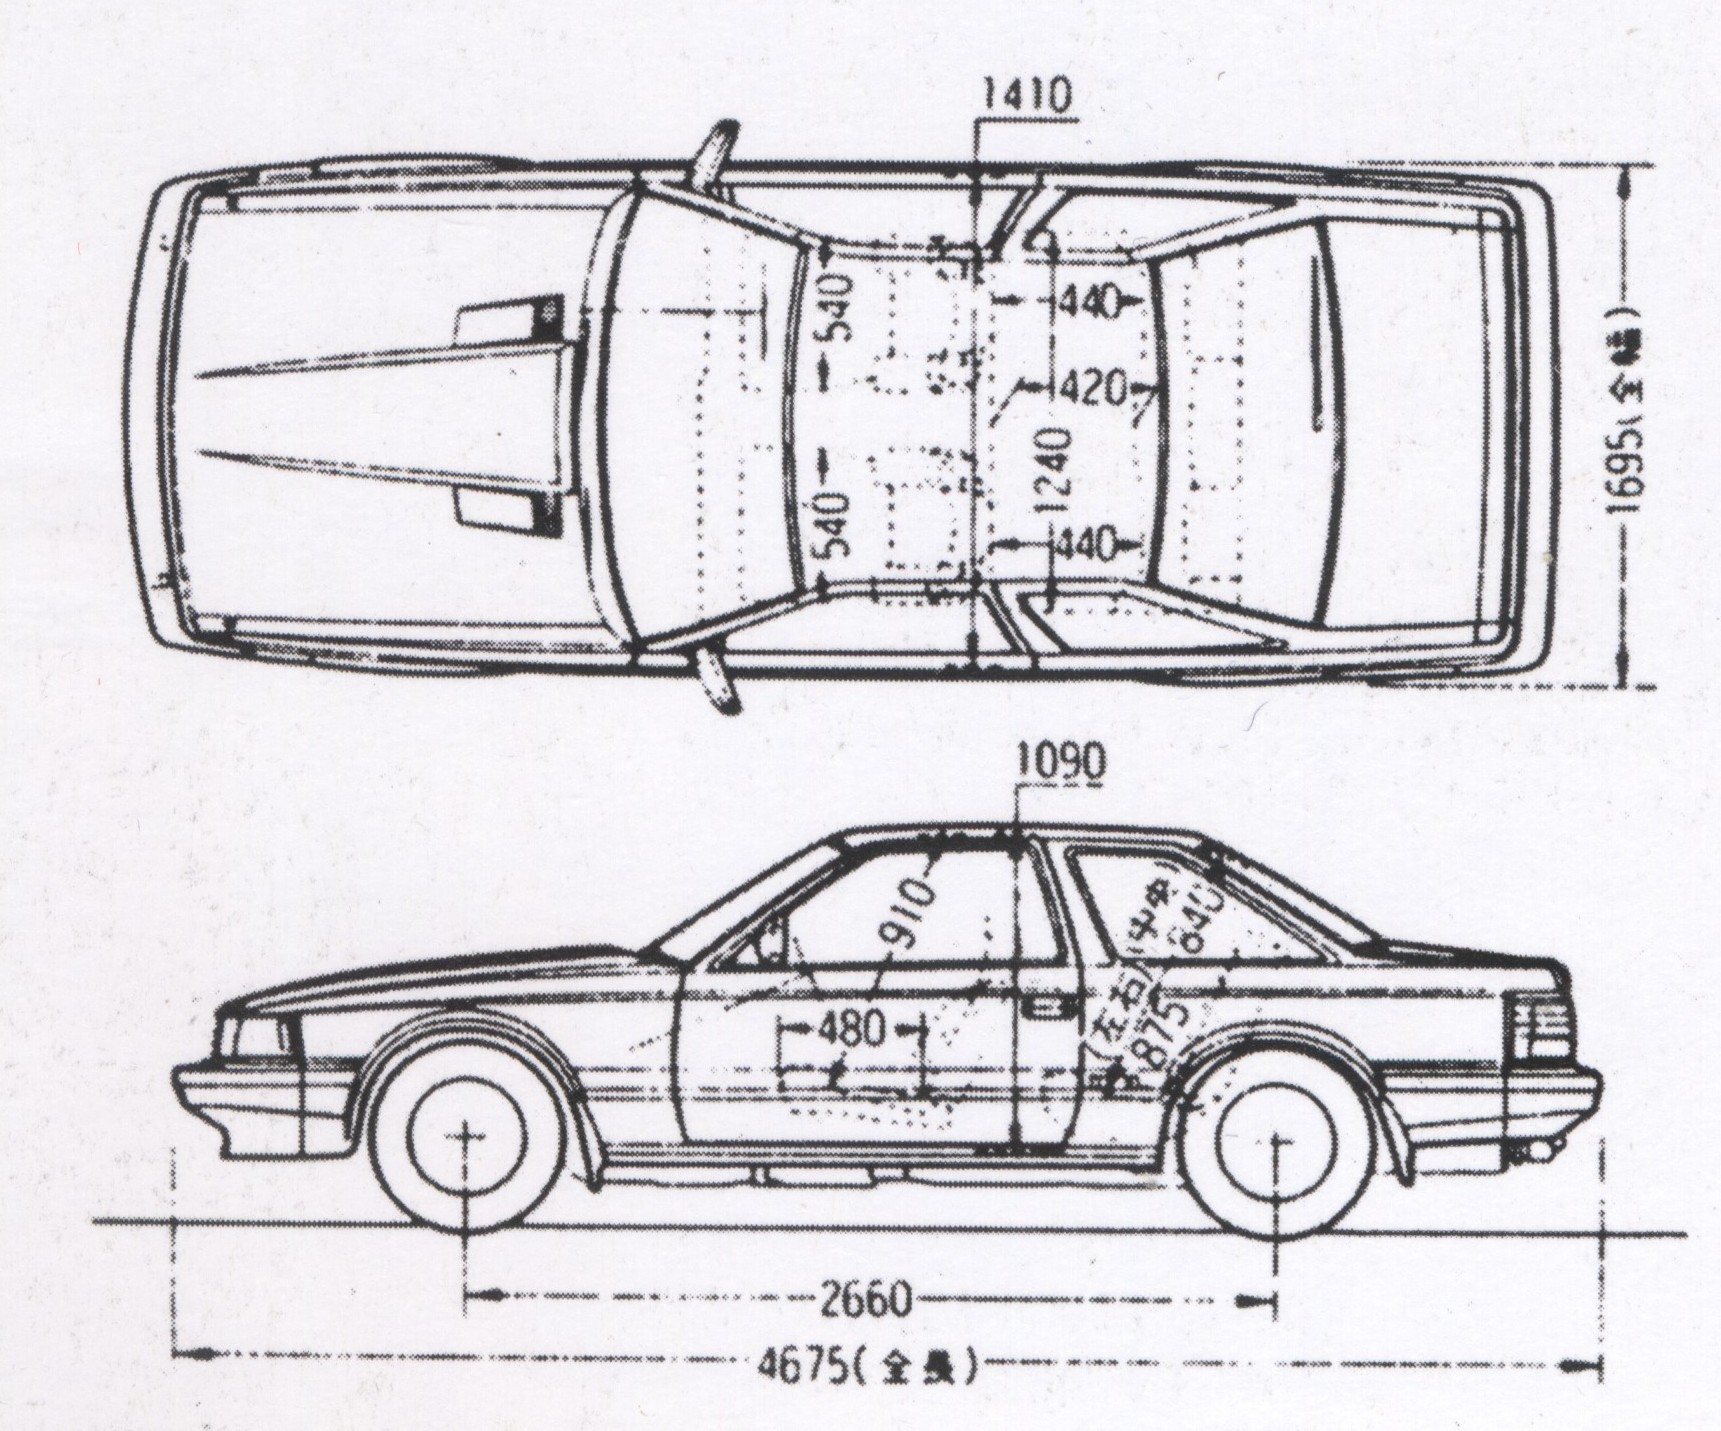 nova steering column diagram besides ford steering column diagram